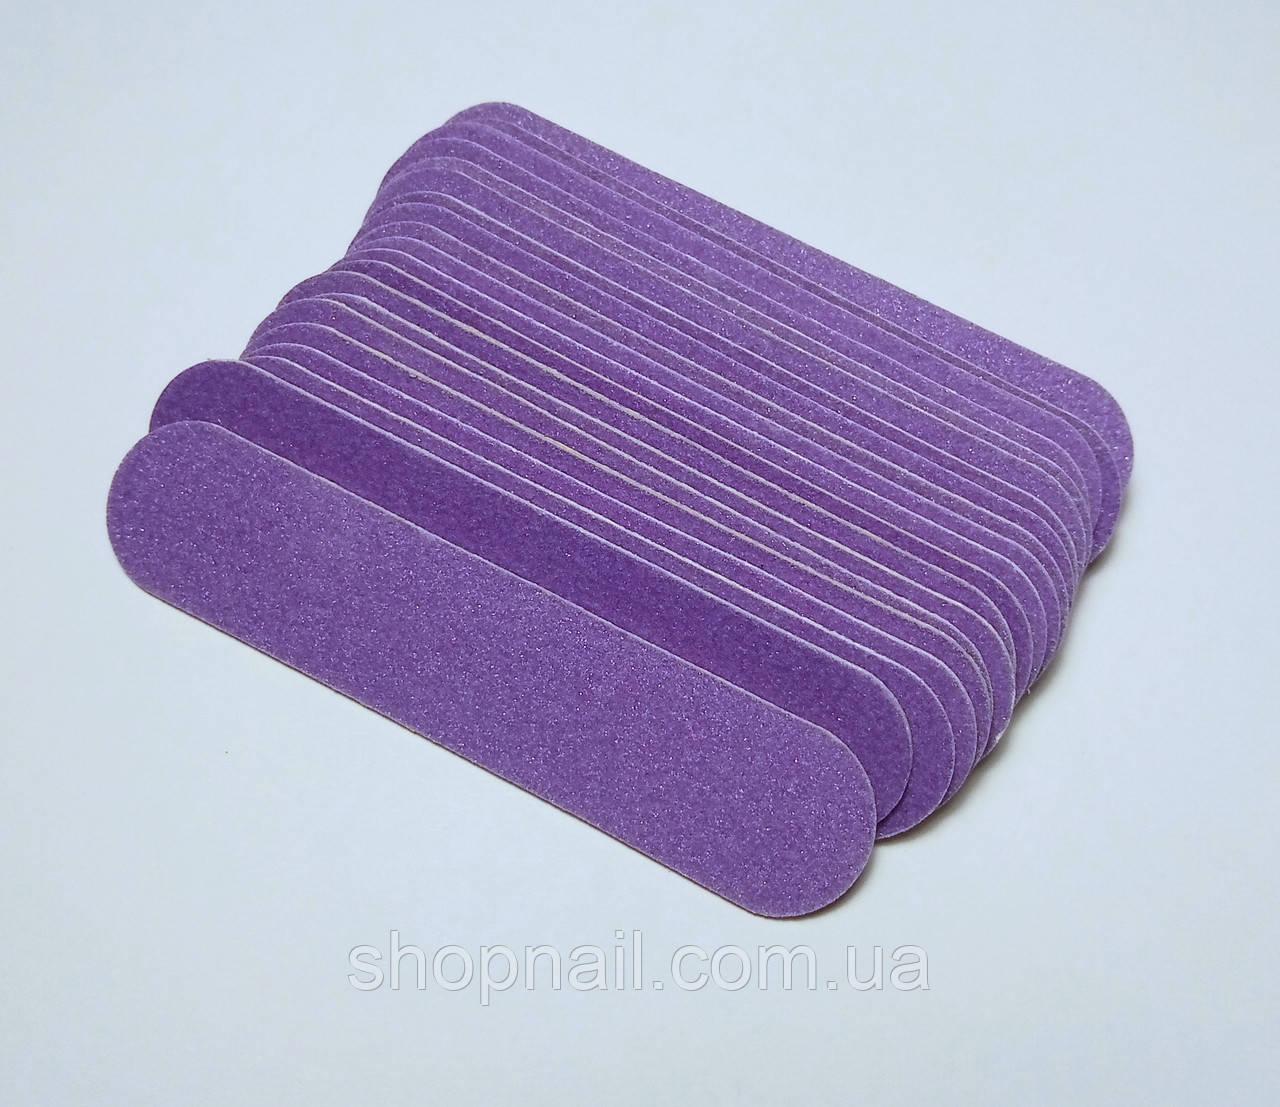 Одноразовая пилочка, фиолетовая 180/240 гритт, 100 шт\уп